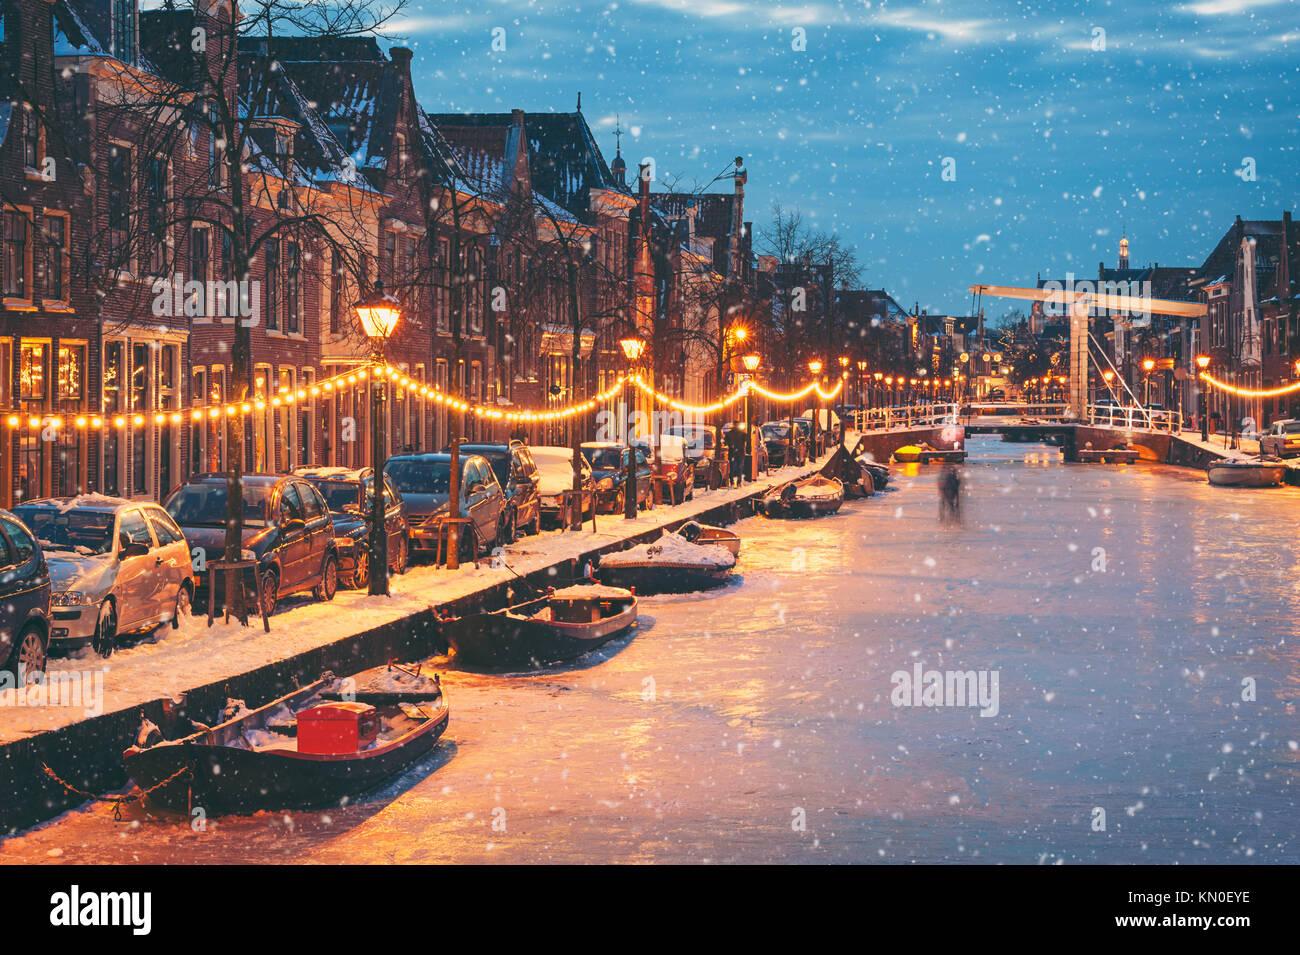 Winter Szene in Alkmaar Niederlande mit natürlichem Eis und Schnee Stockbild